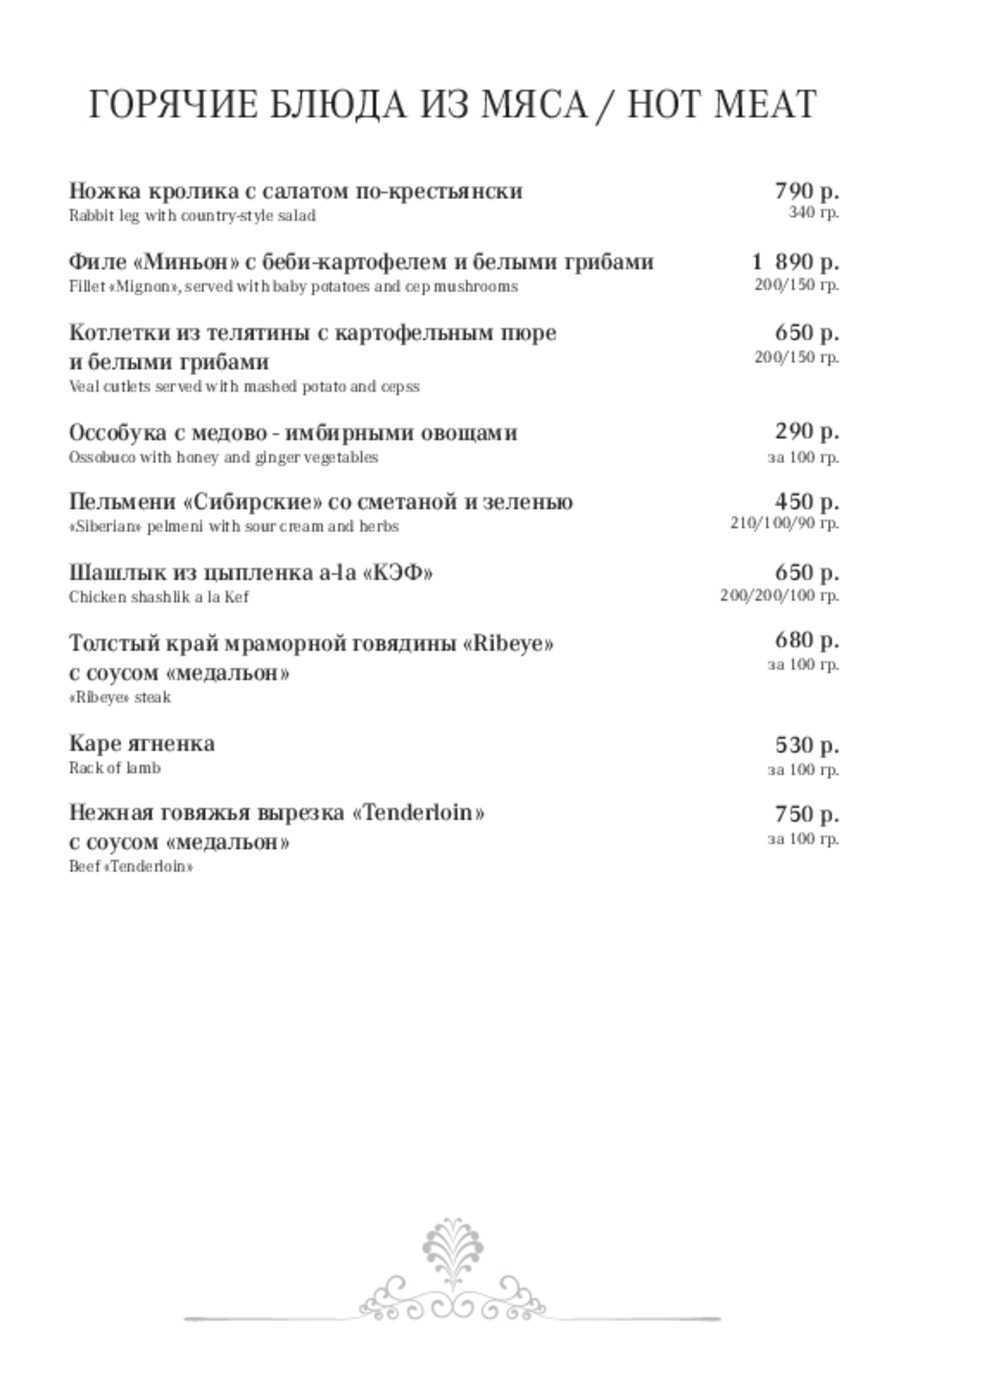 Меню ресторана КЭФ на Московской улице